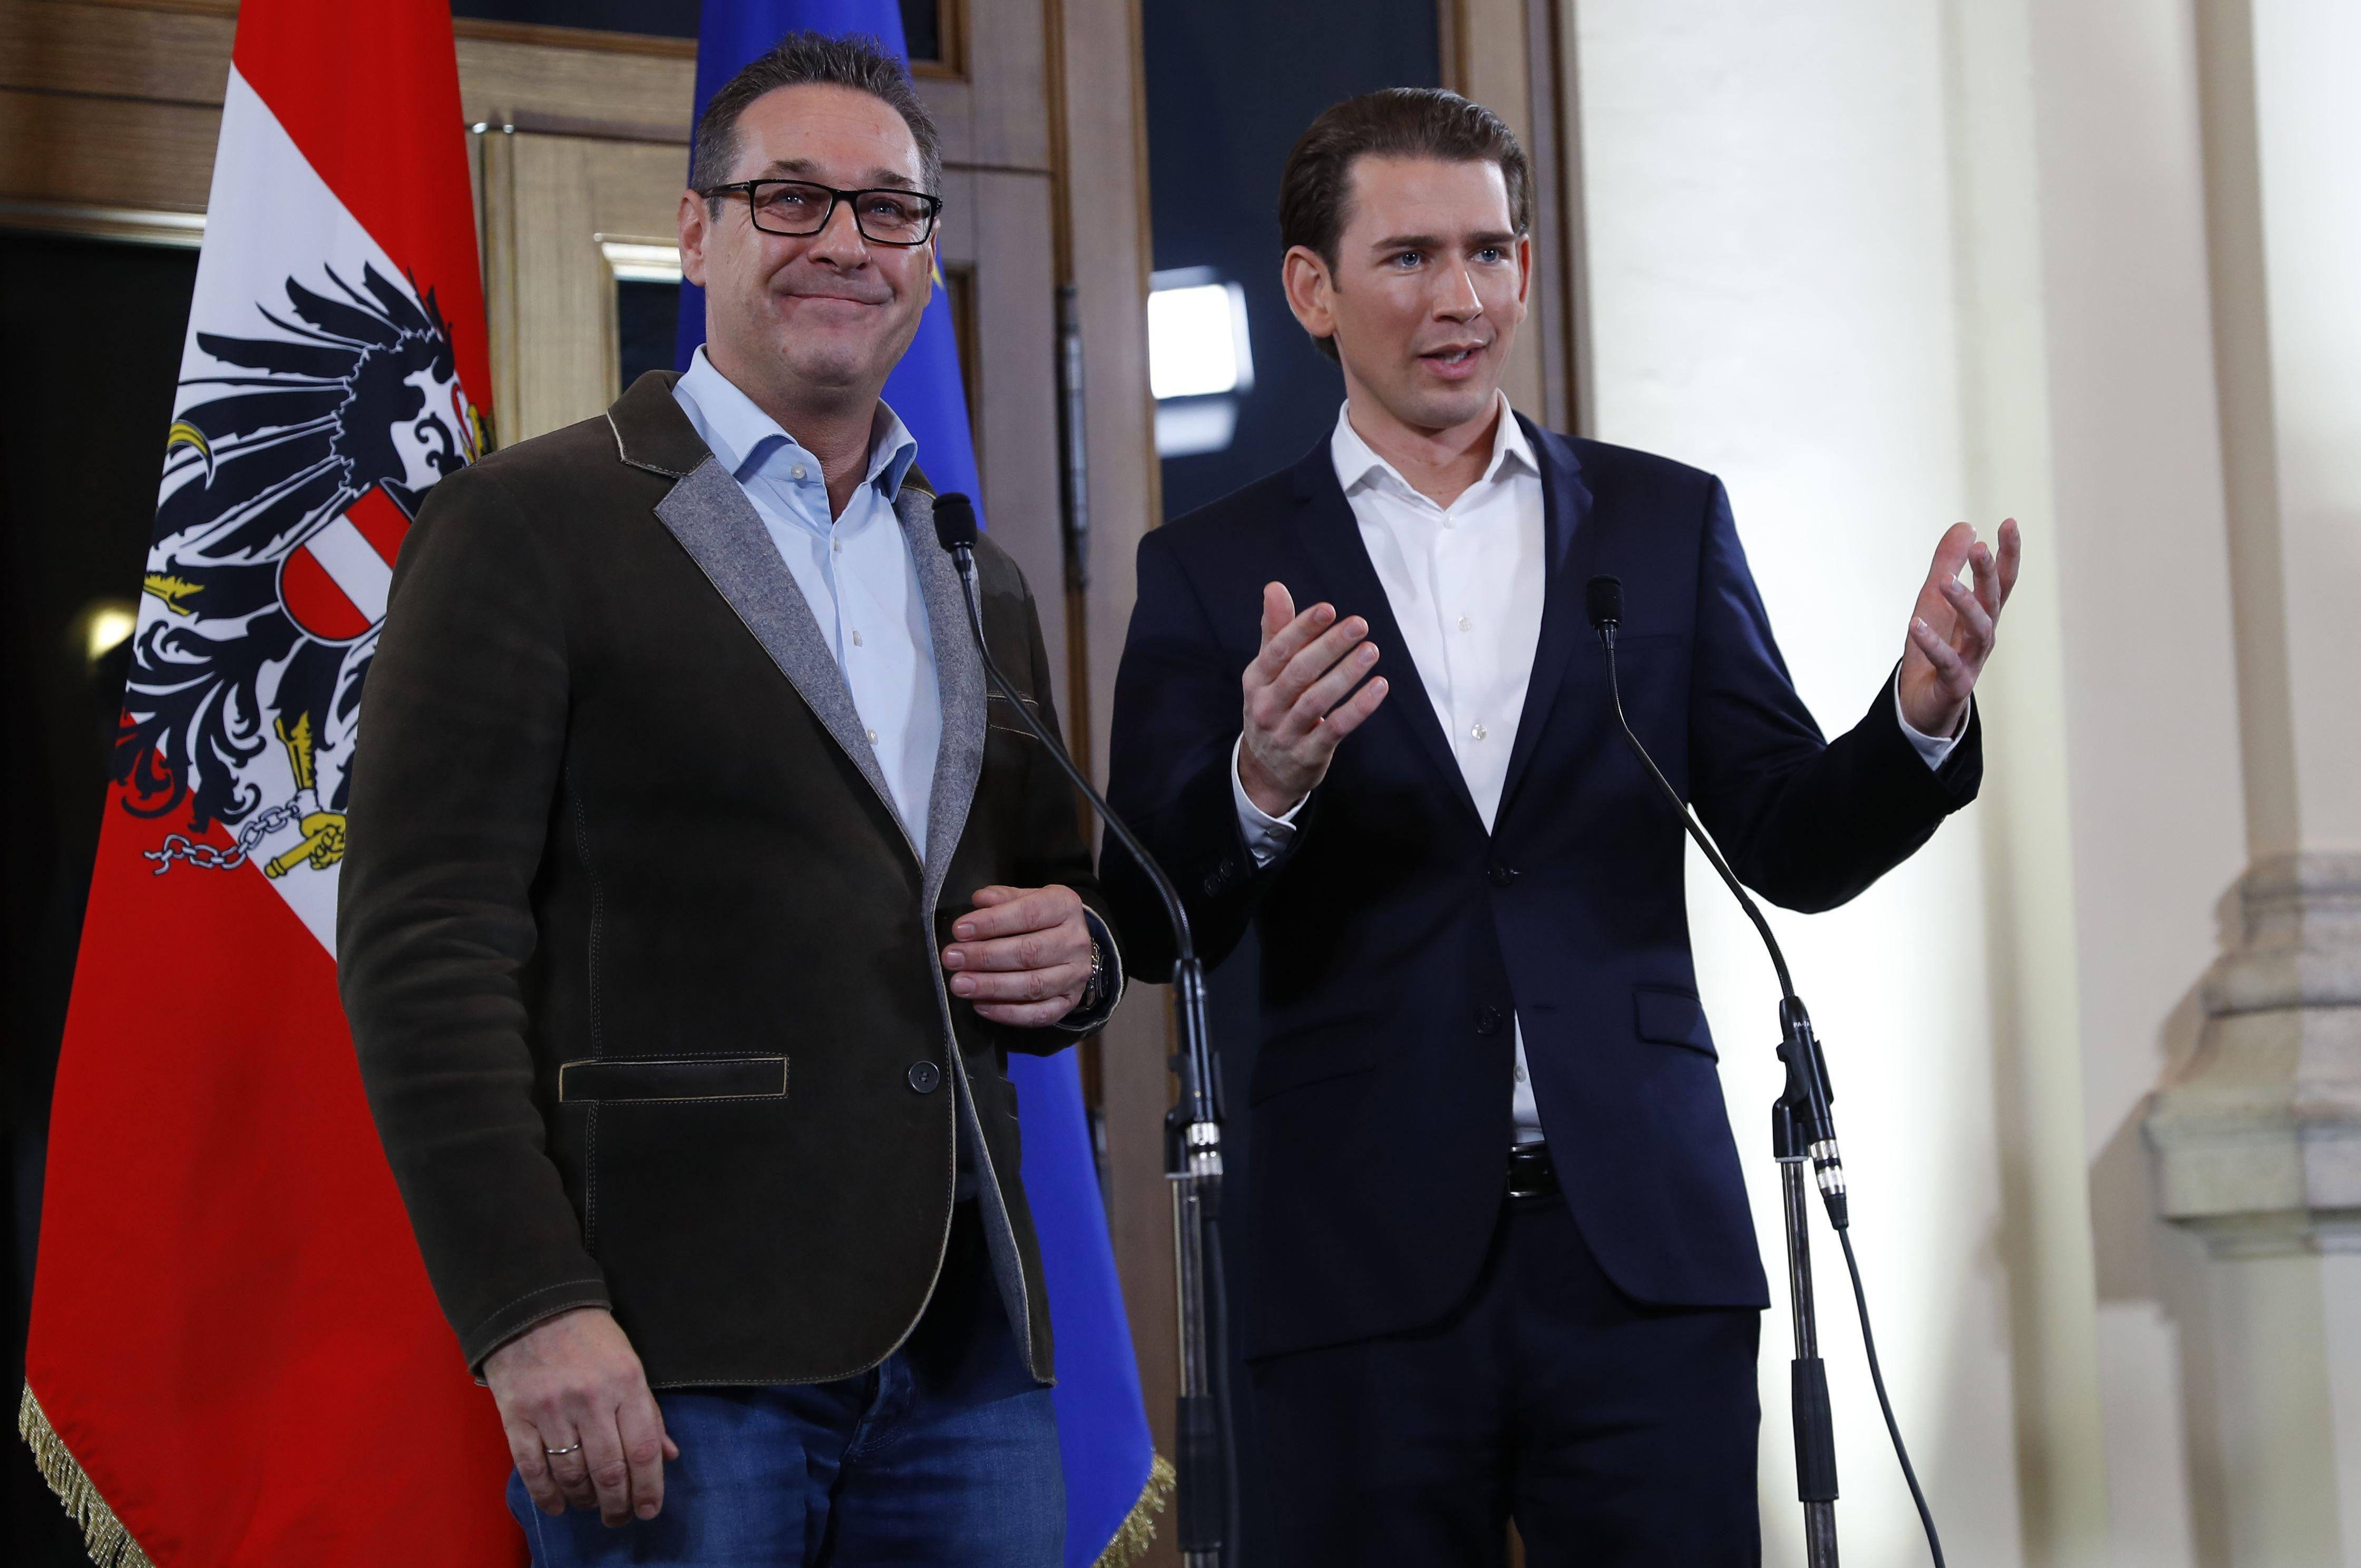 Direita e extrema direita chegam a acordo de governo na Áustria